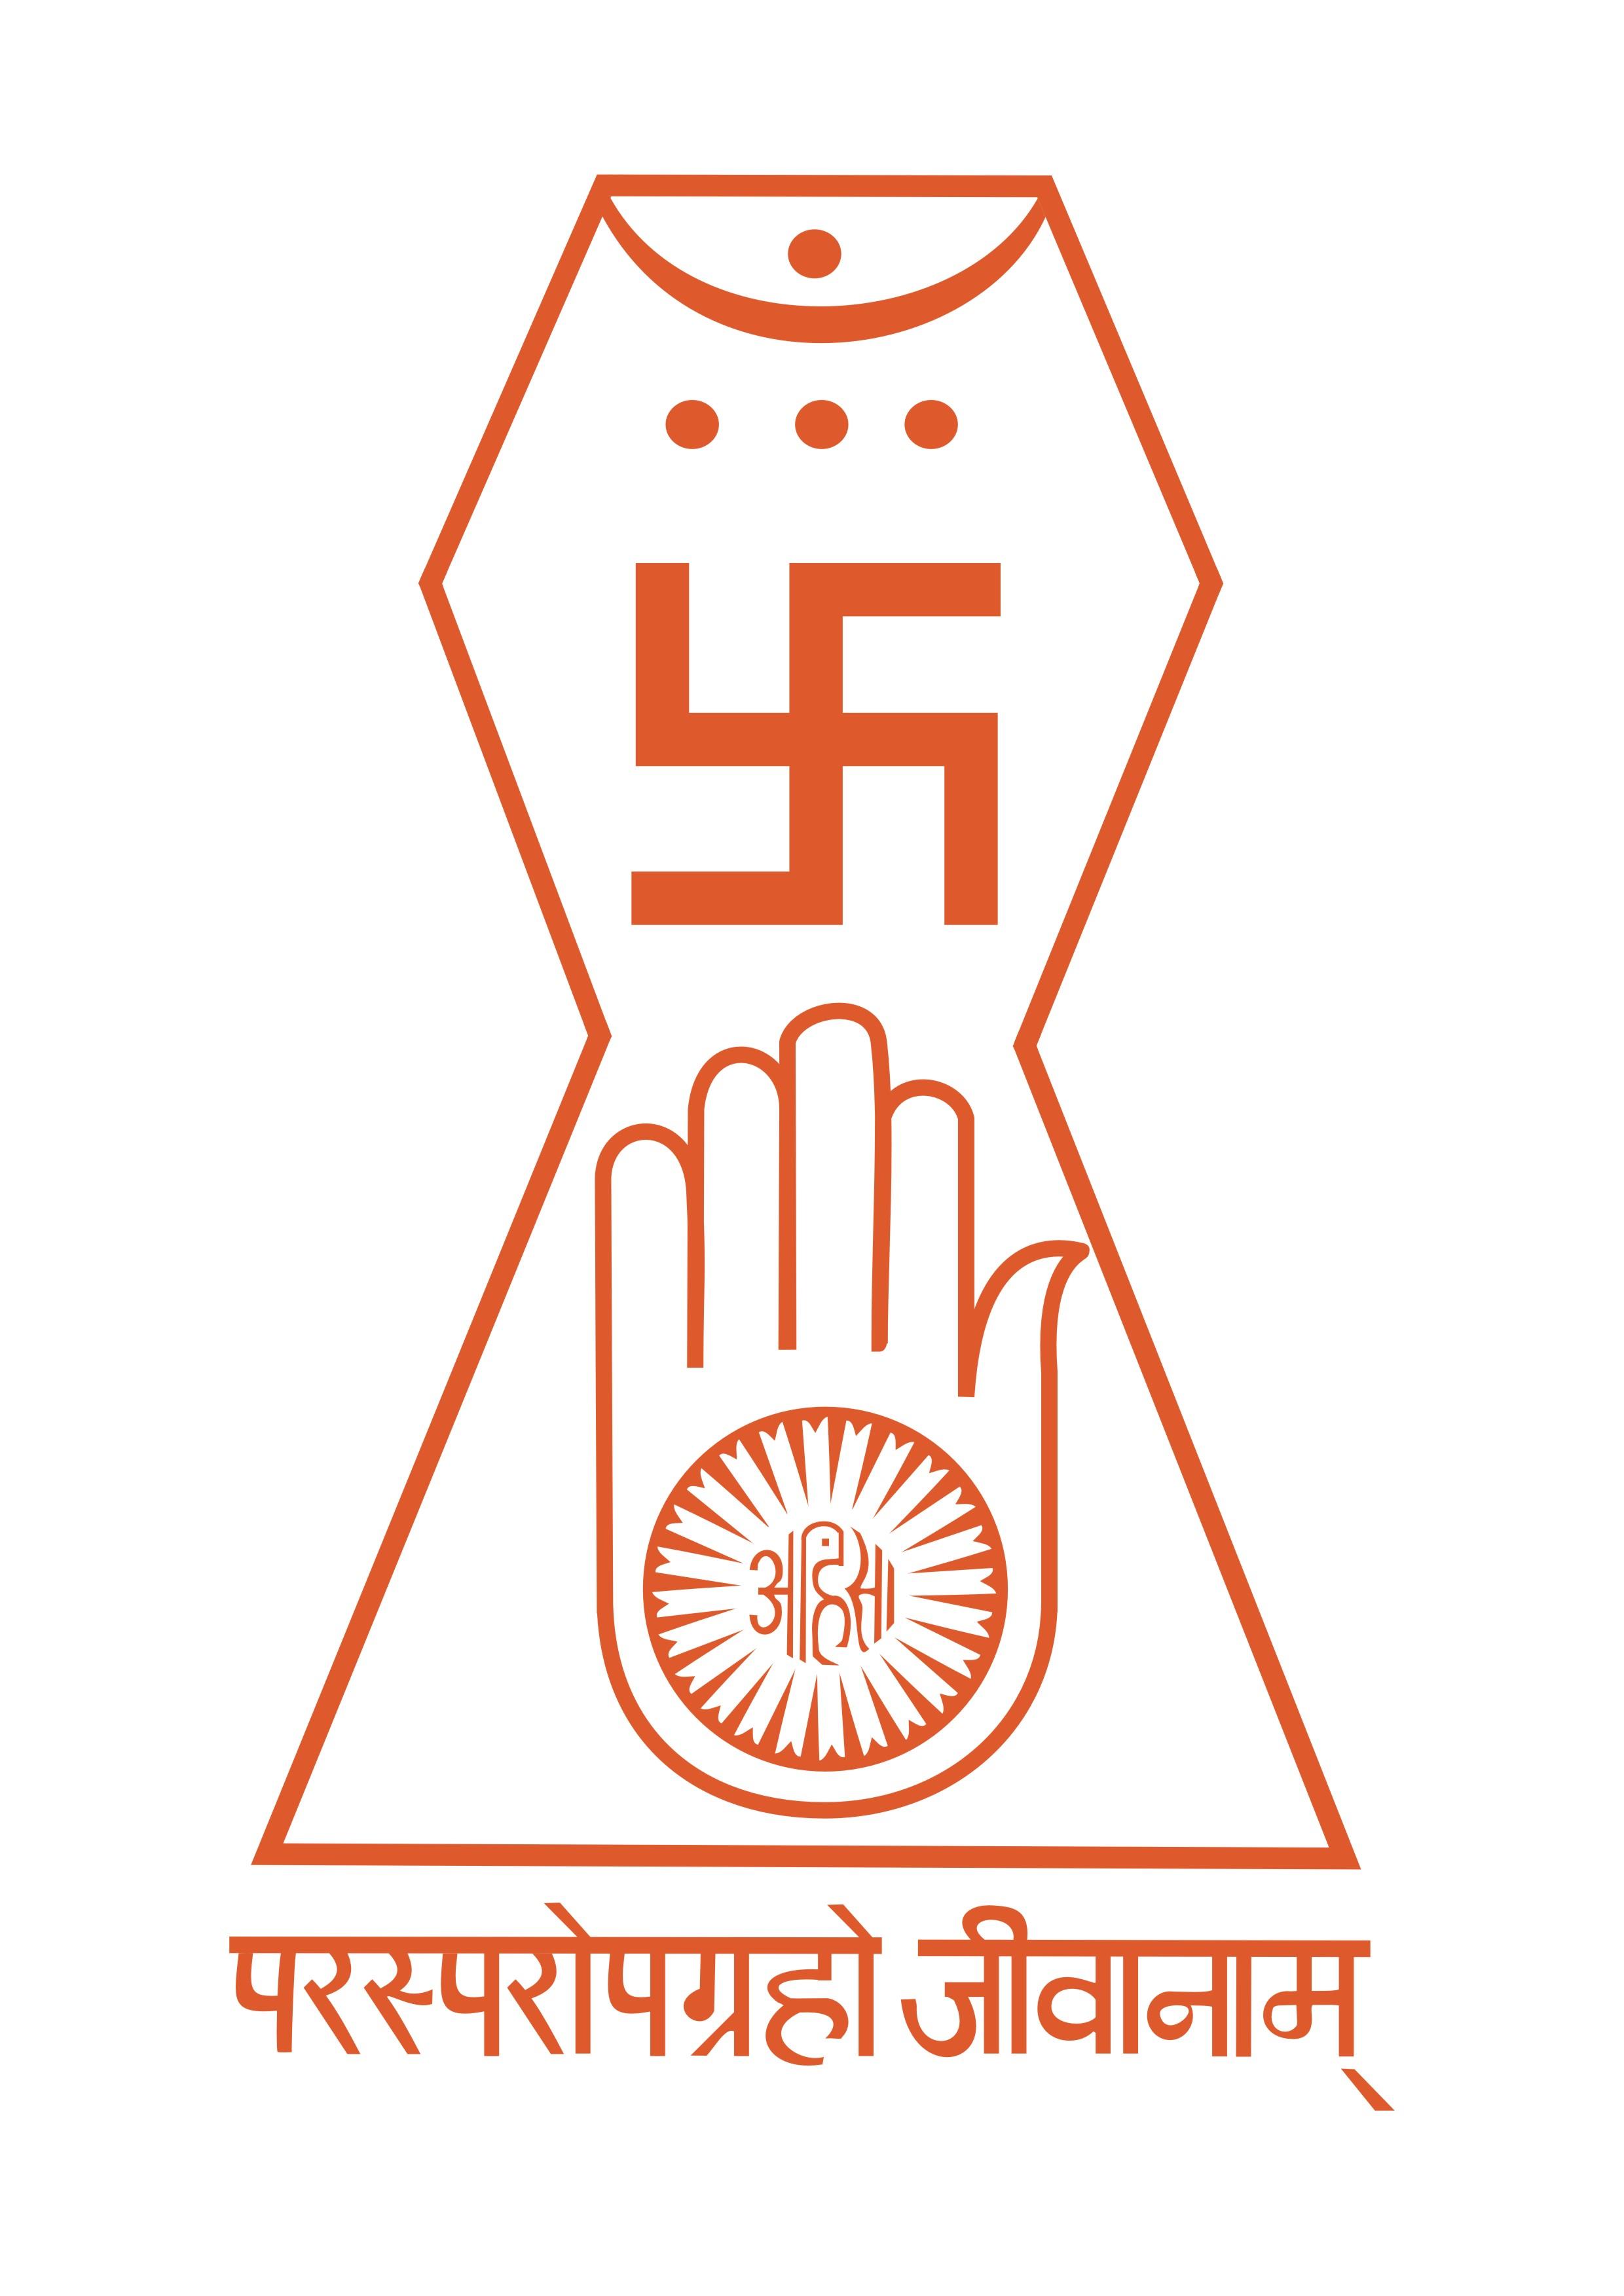 Symbol Of Jainism Religion